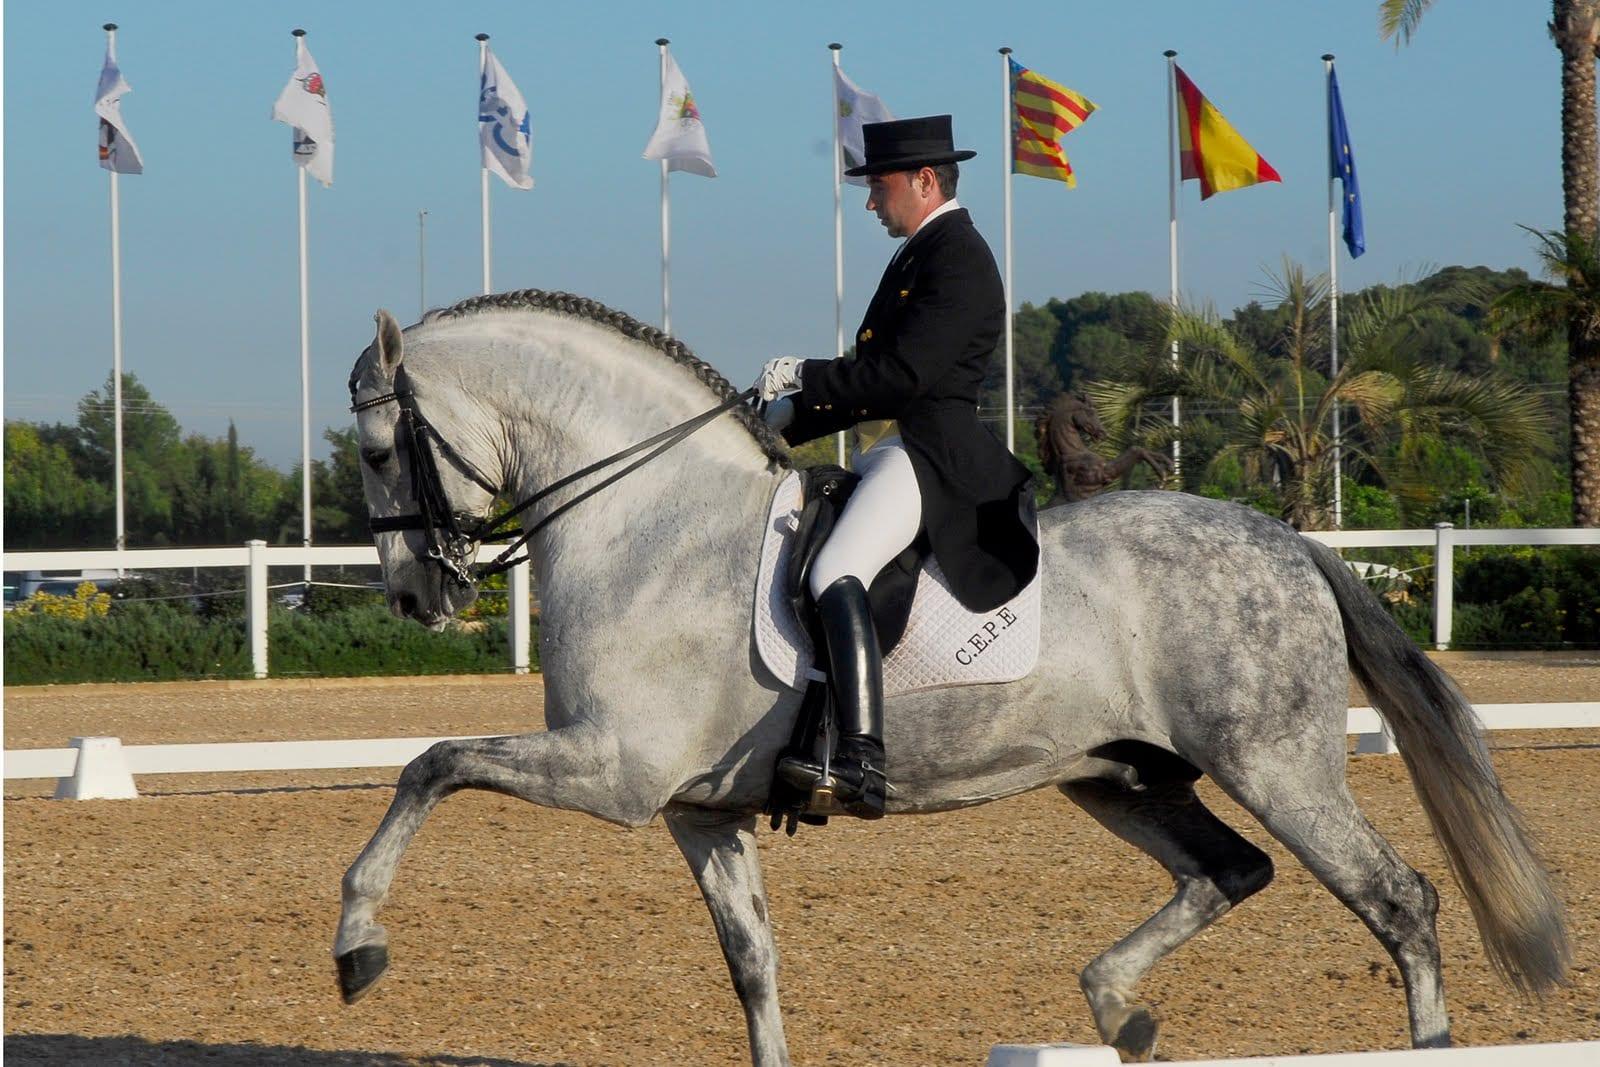 d833b2b8 Es cierto que todos los que montamos caballo, sobre todo los que pasamos  más horas arriba de un equino estamos tan acostumbrados al uso de las botas  que ...